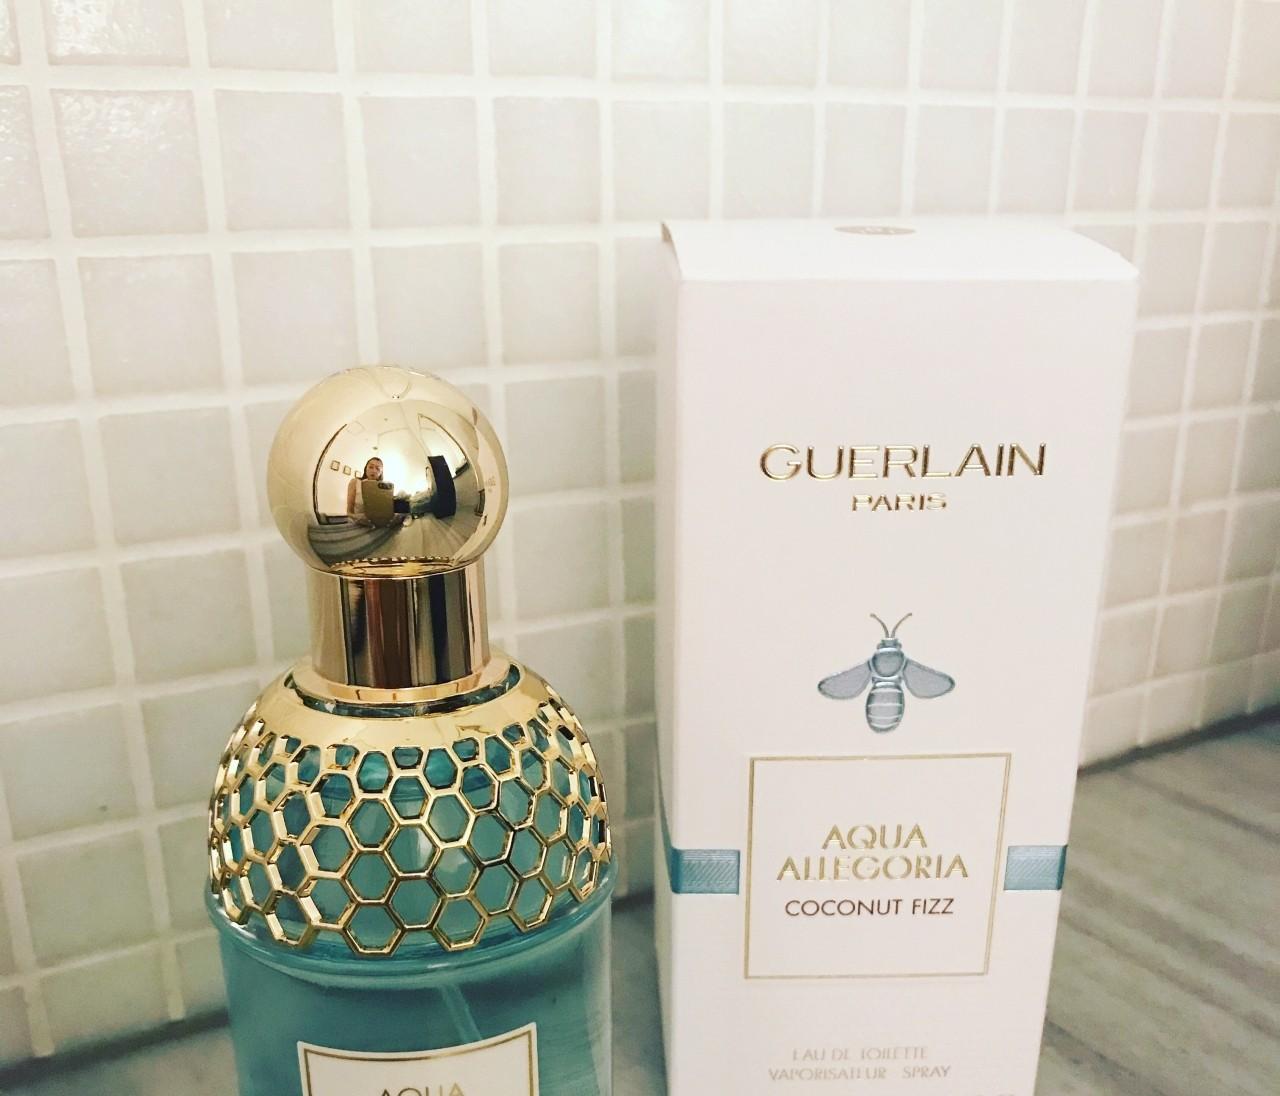 【GUERLAIN 新作フレグランス】香り診断でお勧めされた私の香り